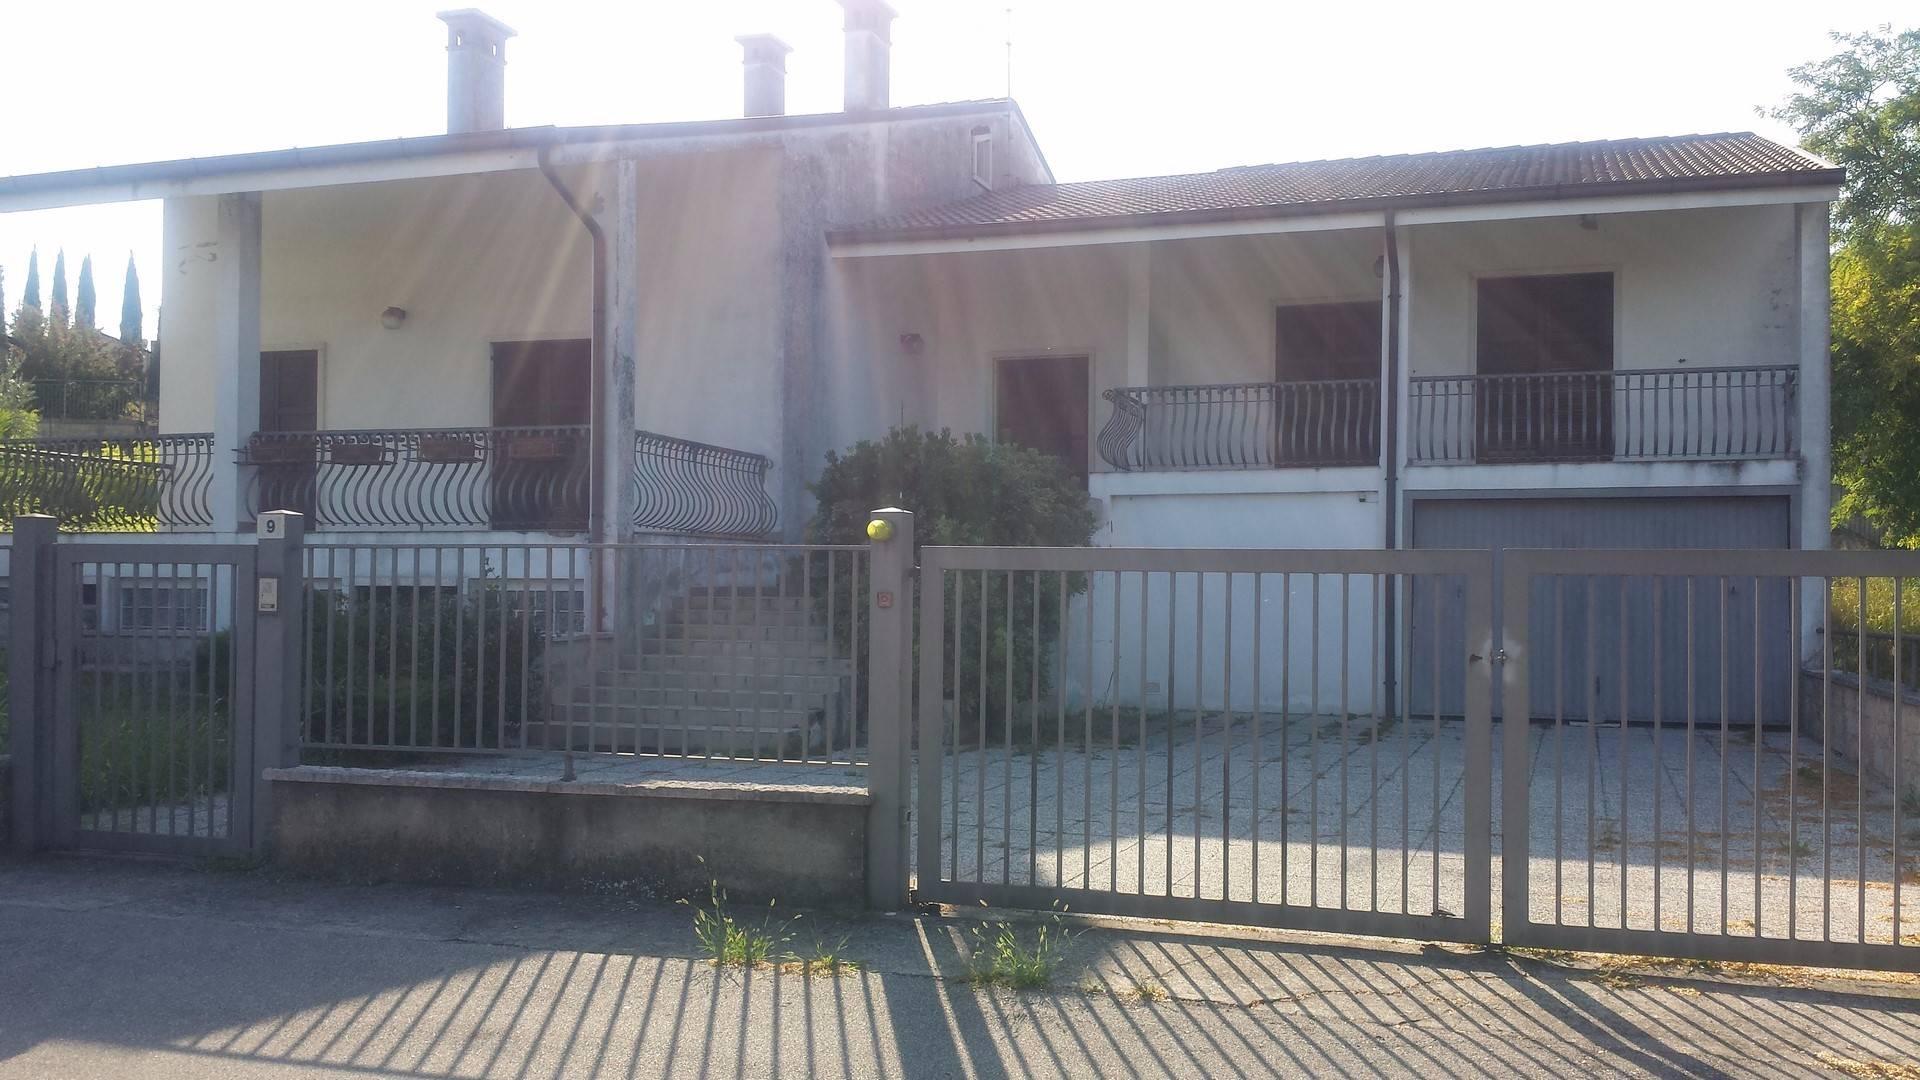 Villa in affitto a Lavagno, 7 locali, zona Zona: Vago, prezzo € 2.000 | Cambio Casa.it